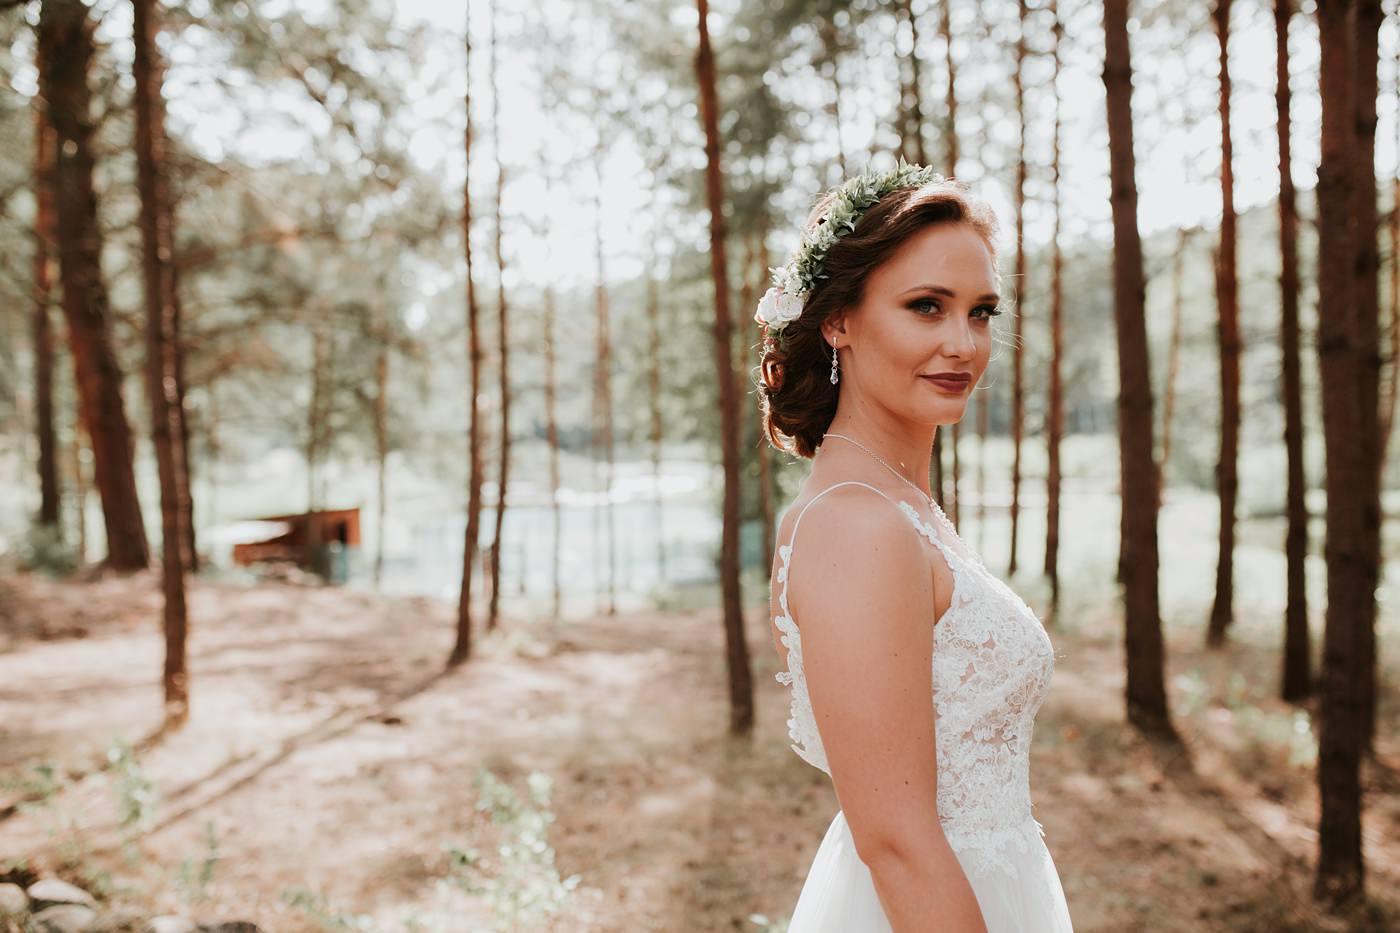 Anna & Wojtek - Ślub cywilny w plenerze - Barnówko w Sam Las 37